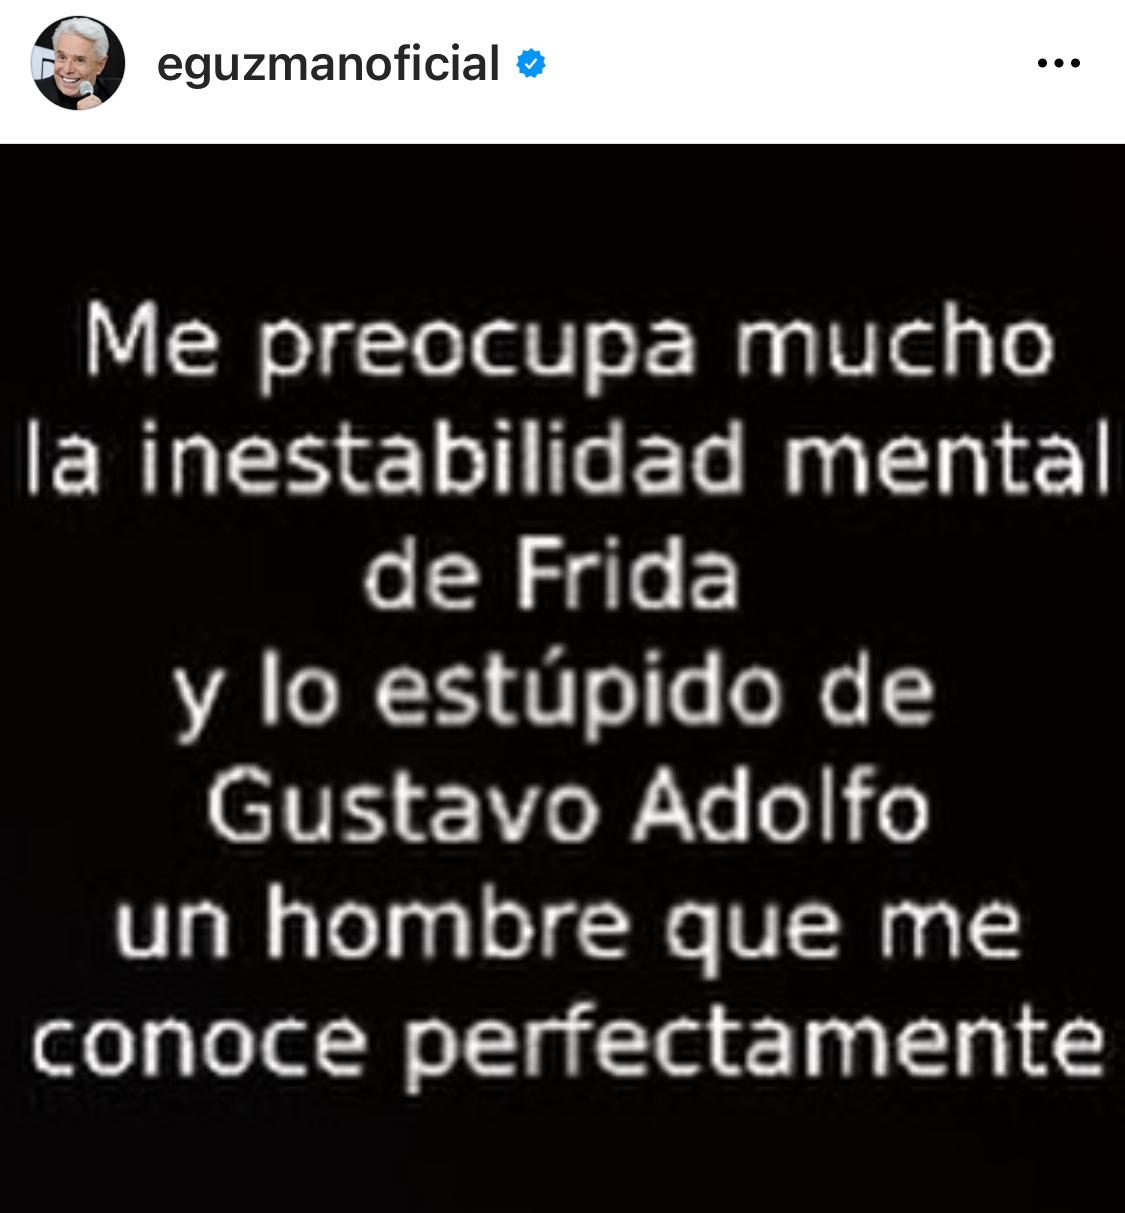 Enrique Guzman contra Frida Sofía